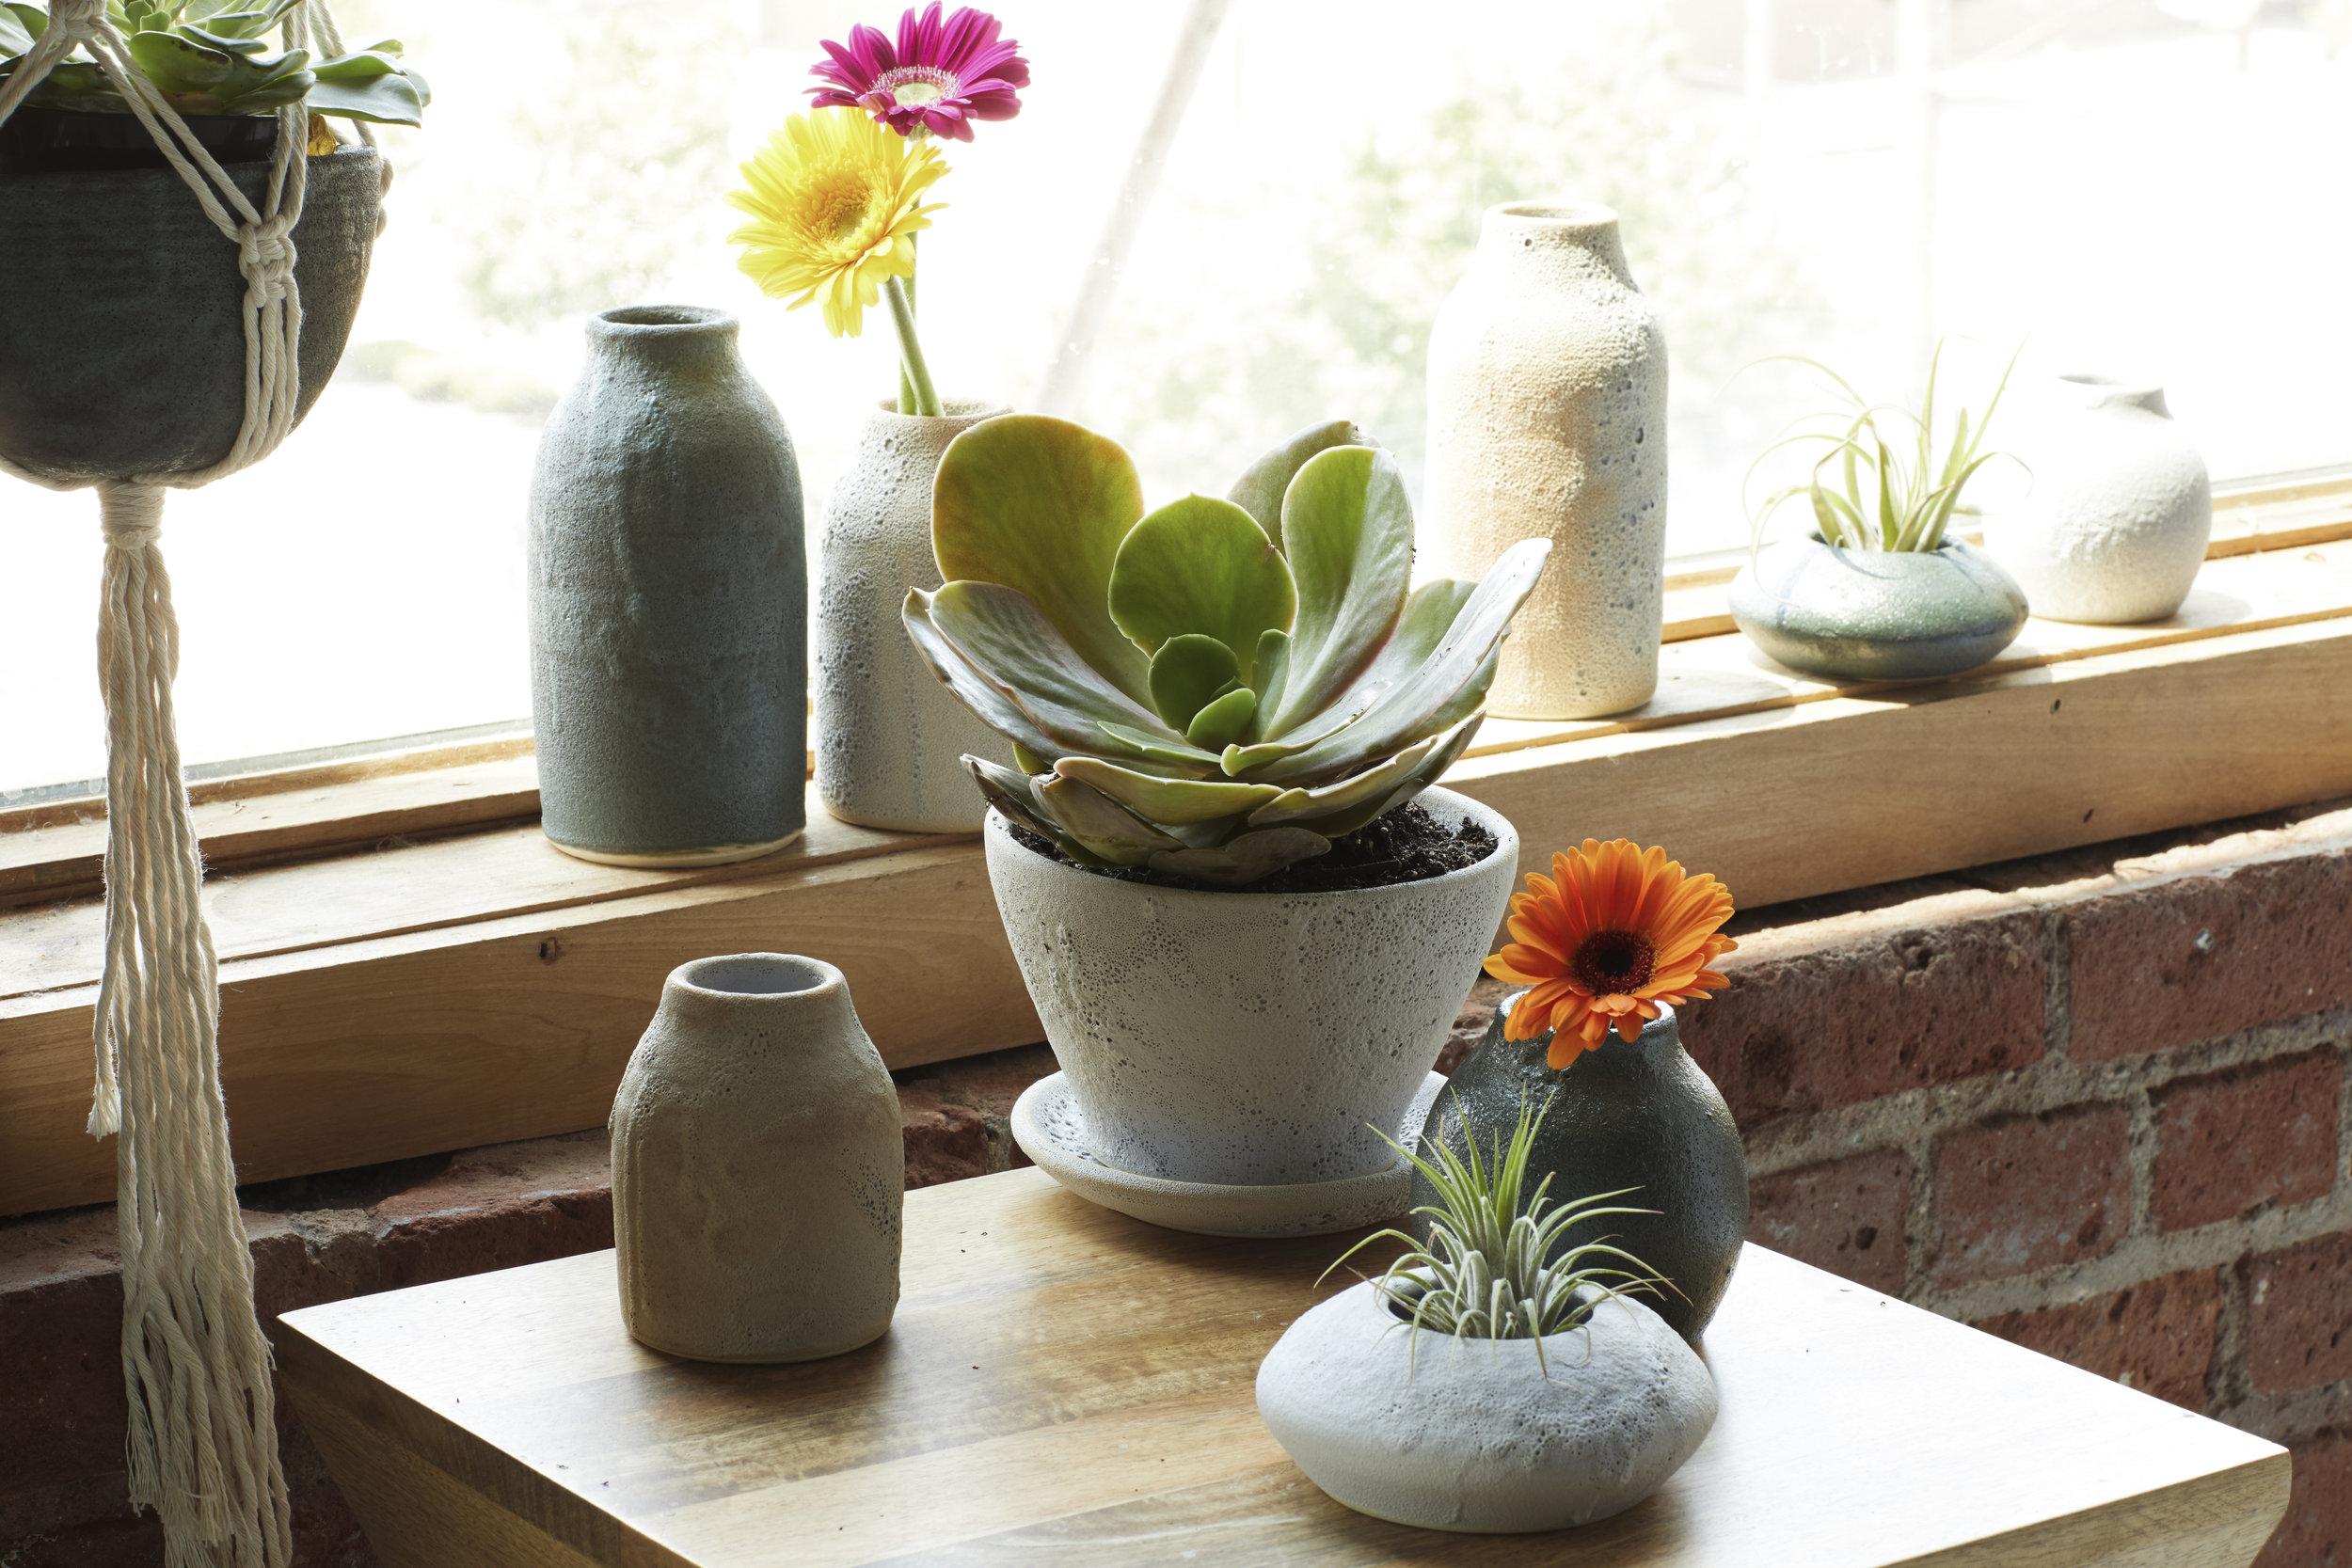 Ceramics11405.jpg